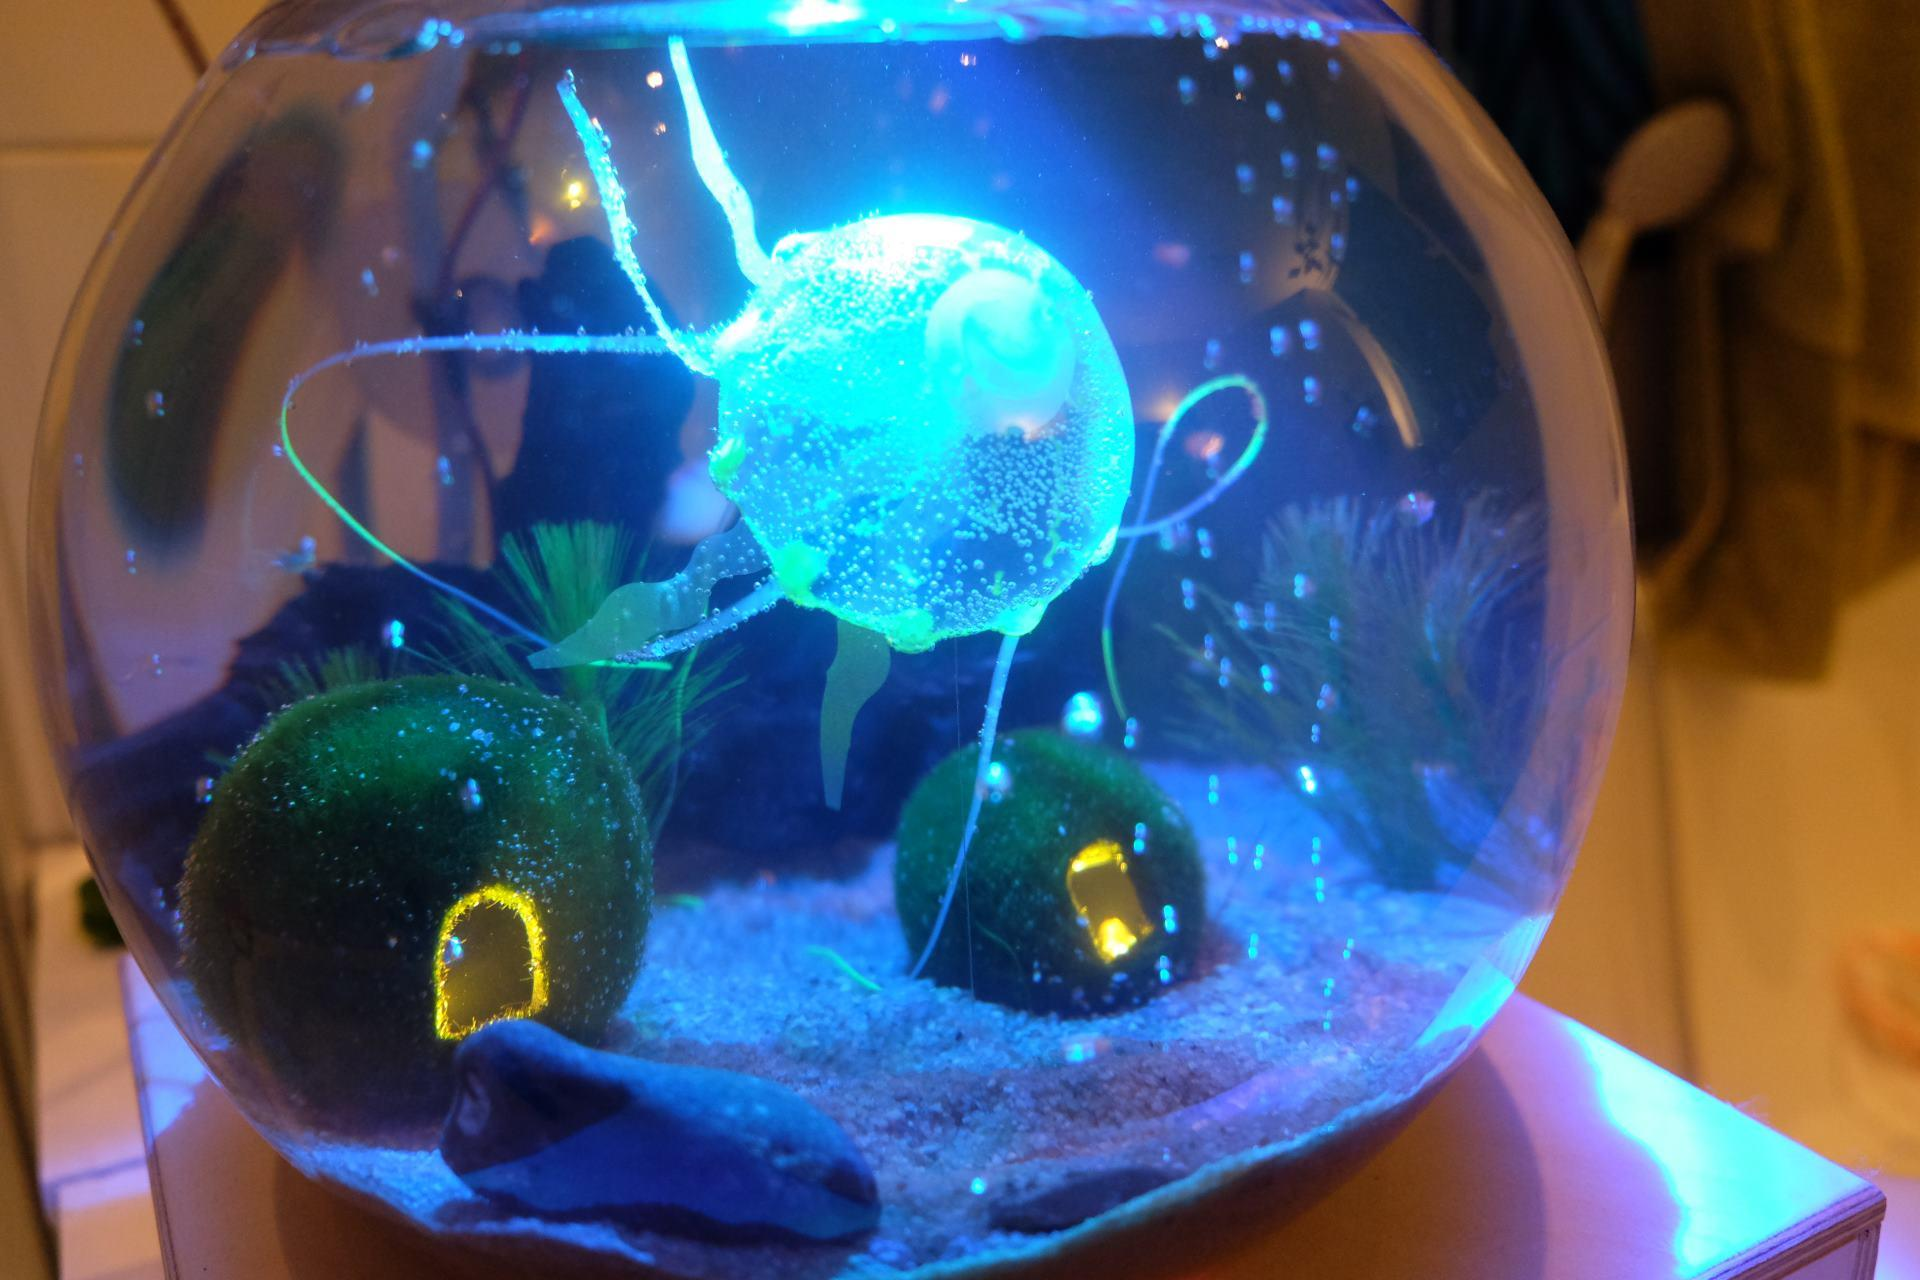 In einer runden Glaskugel leuchten eine blaue Qualle und zwei kleine kleine Häuschen